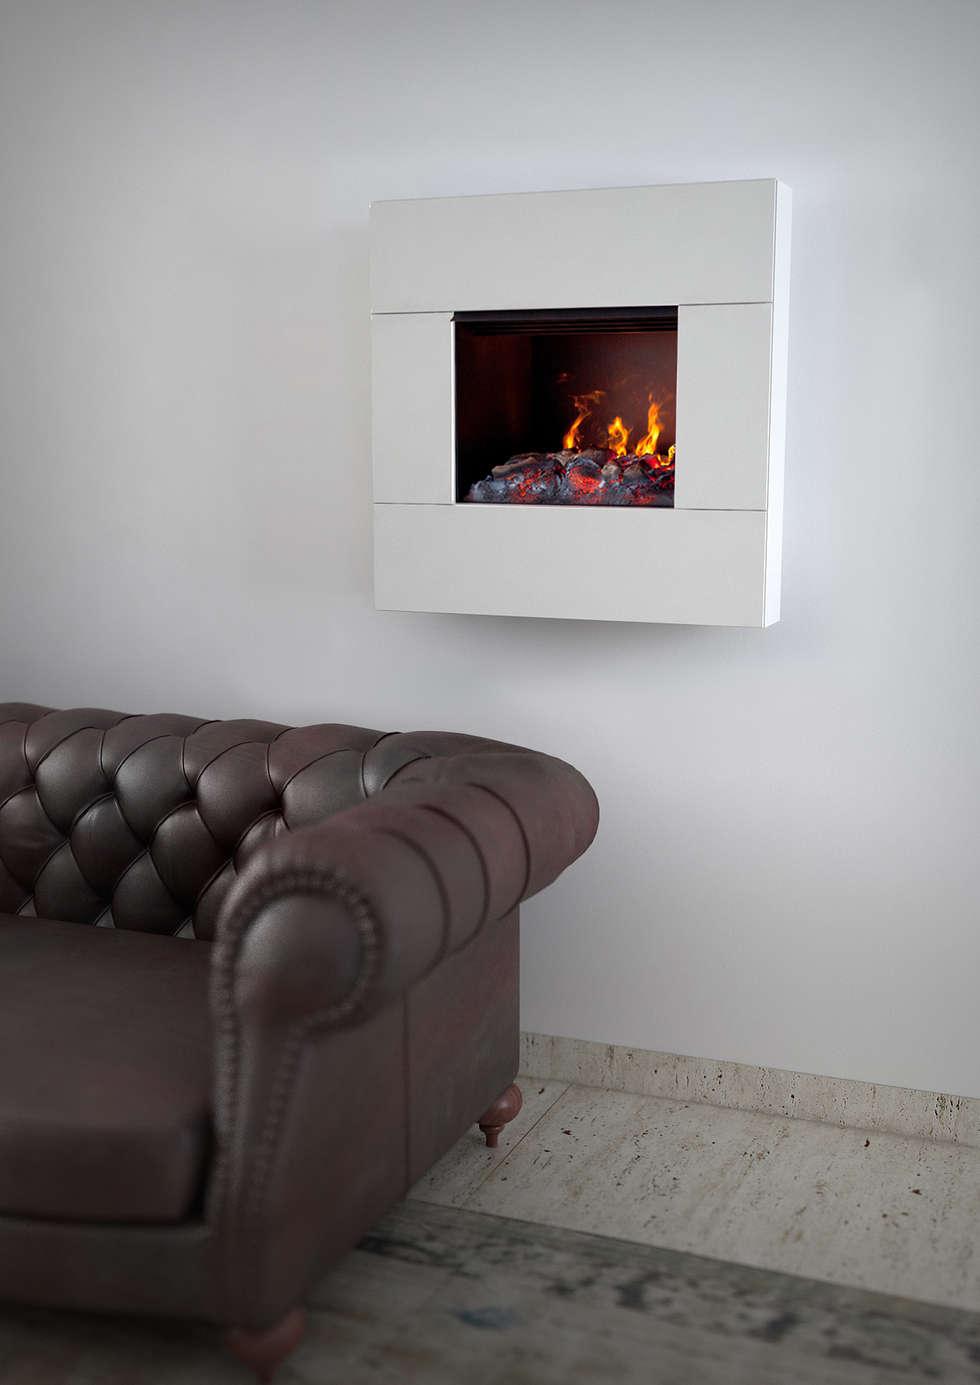 Idee arredamento casa interior design homify for Caminetti arredo